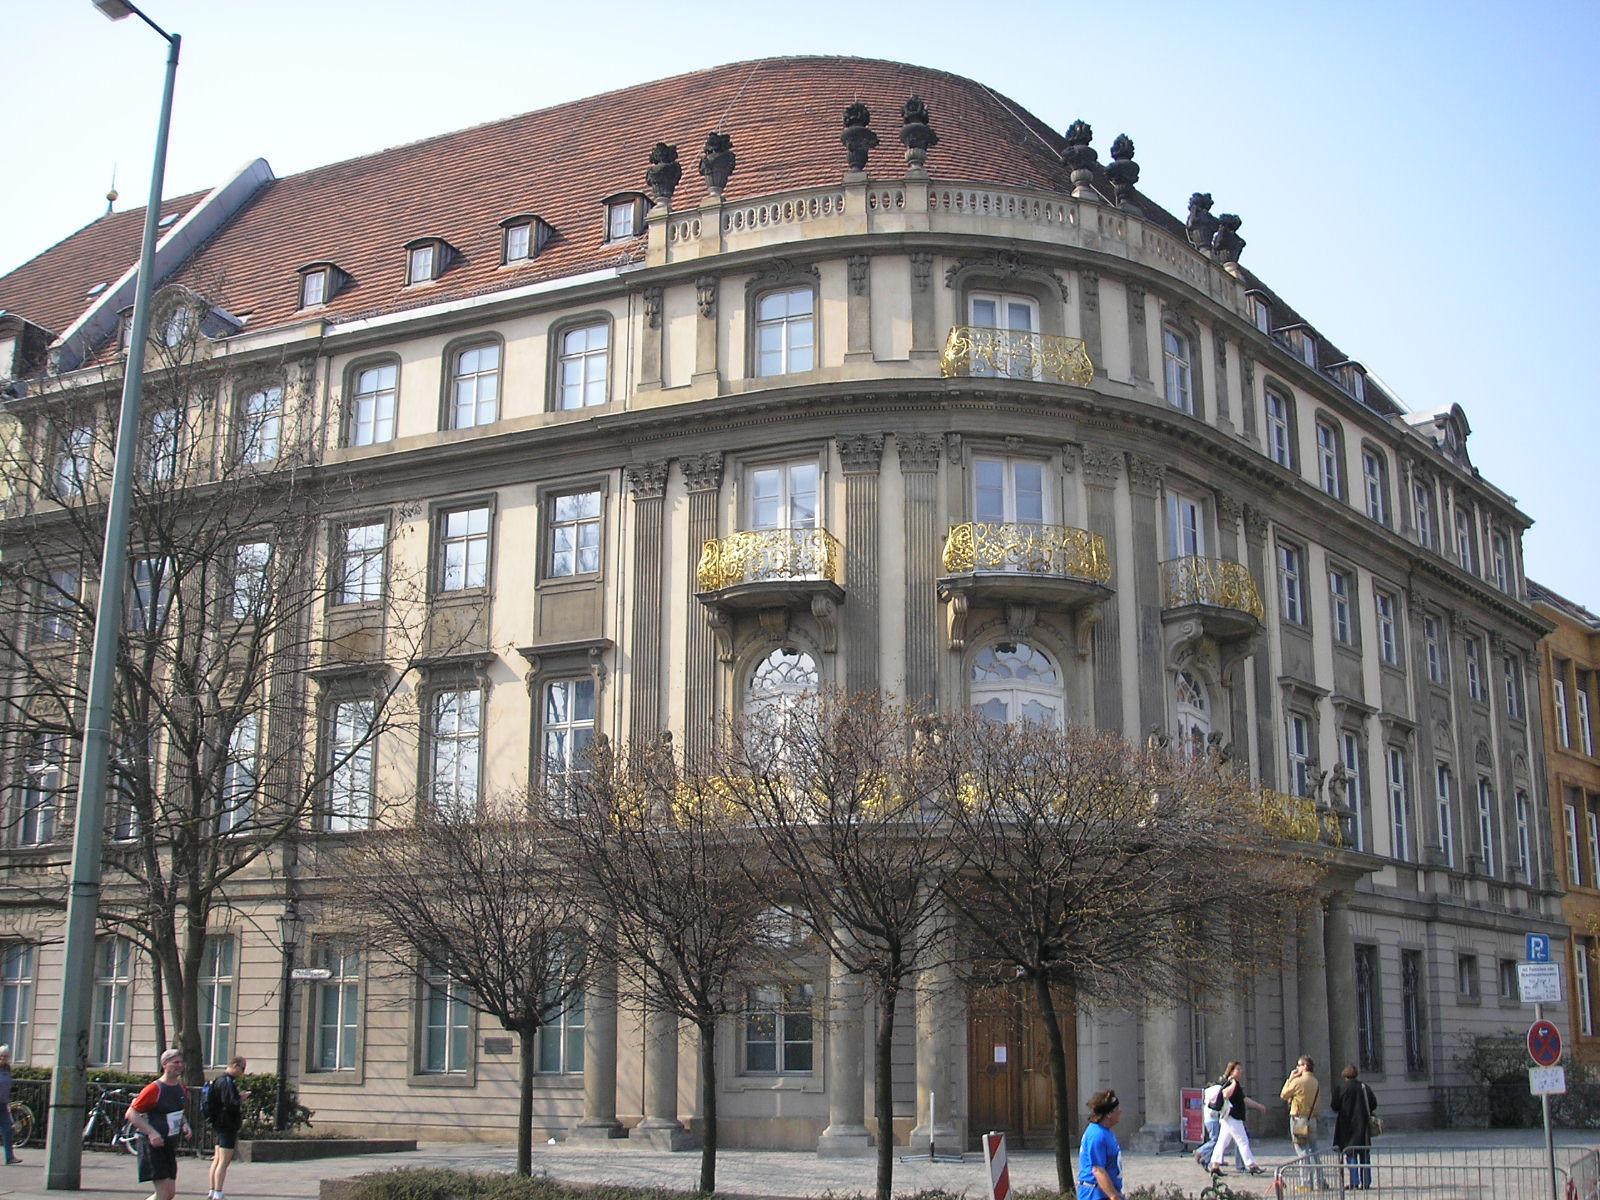 Ephraim-Palais Berlin April 2007 004.jpg